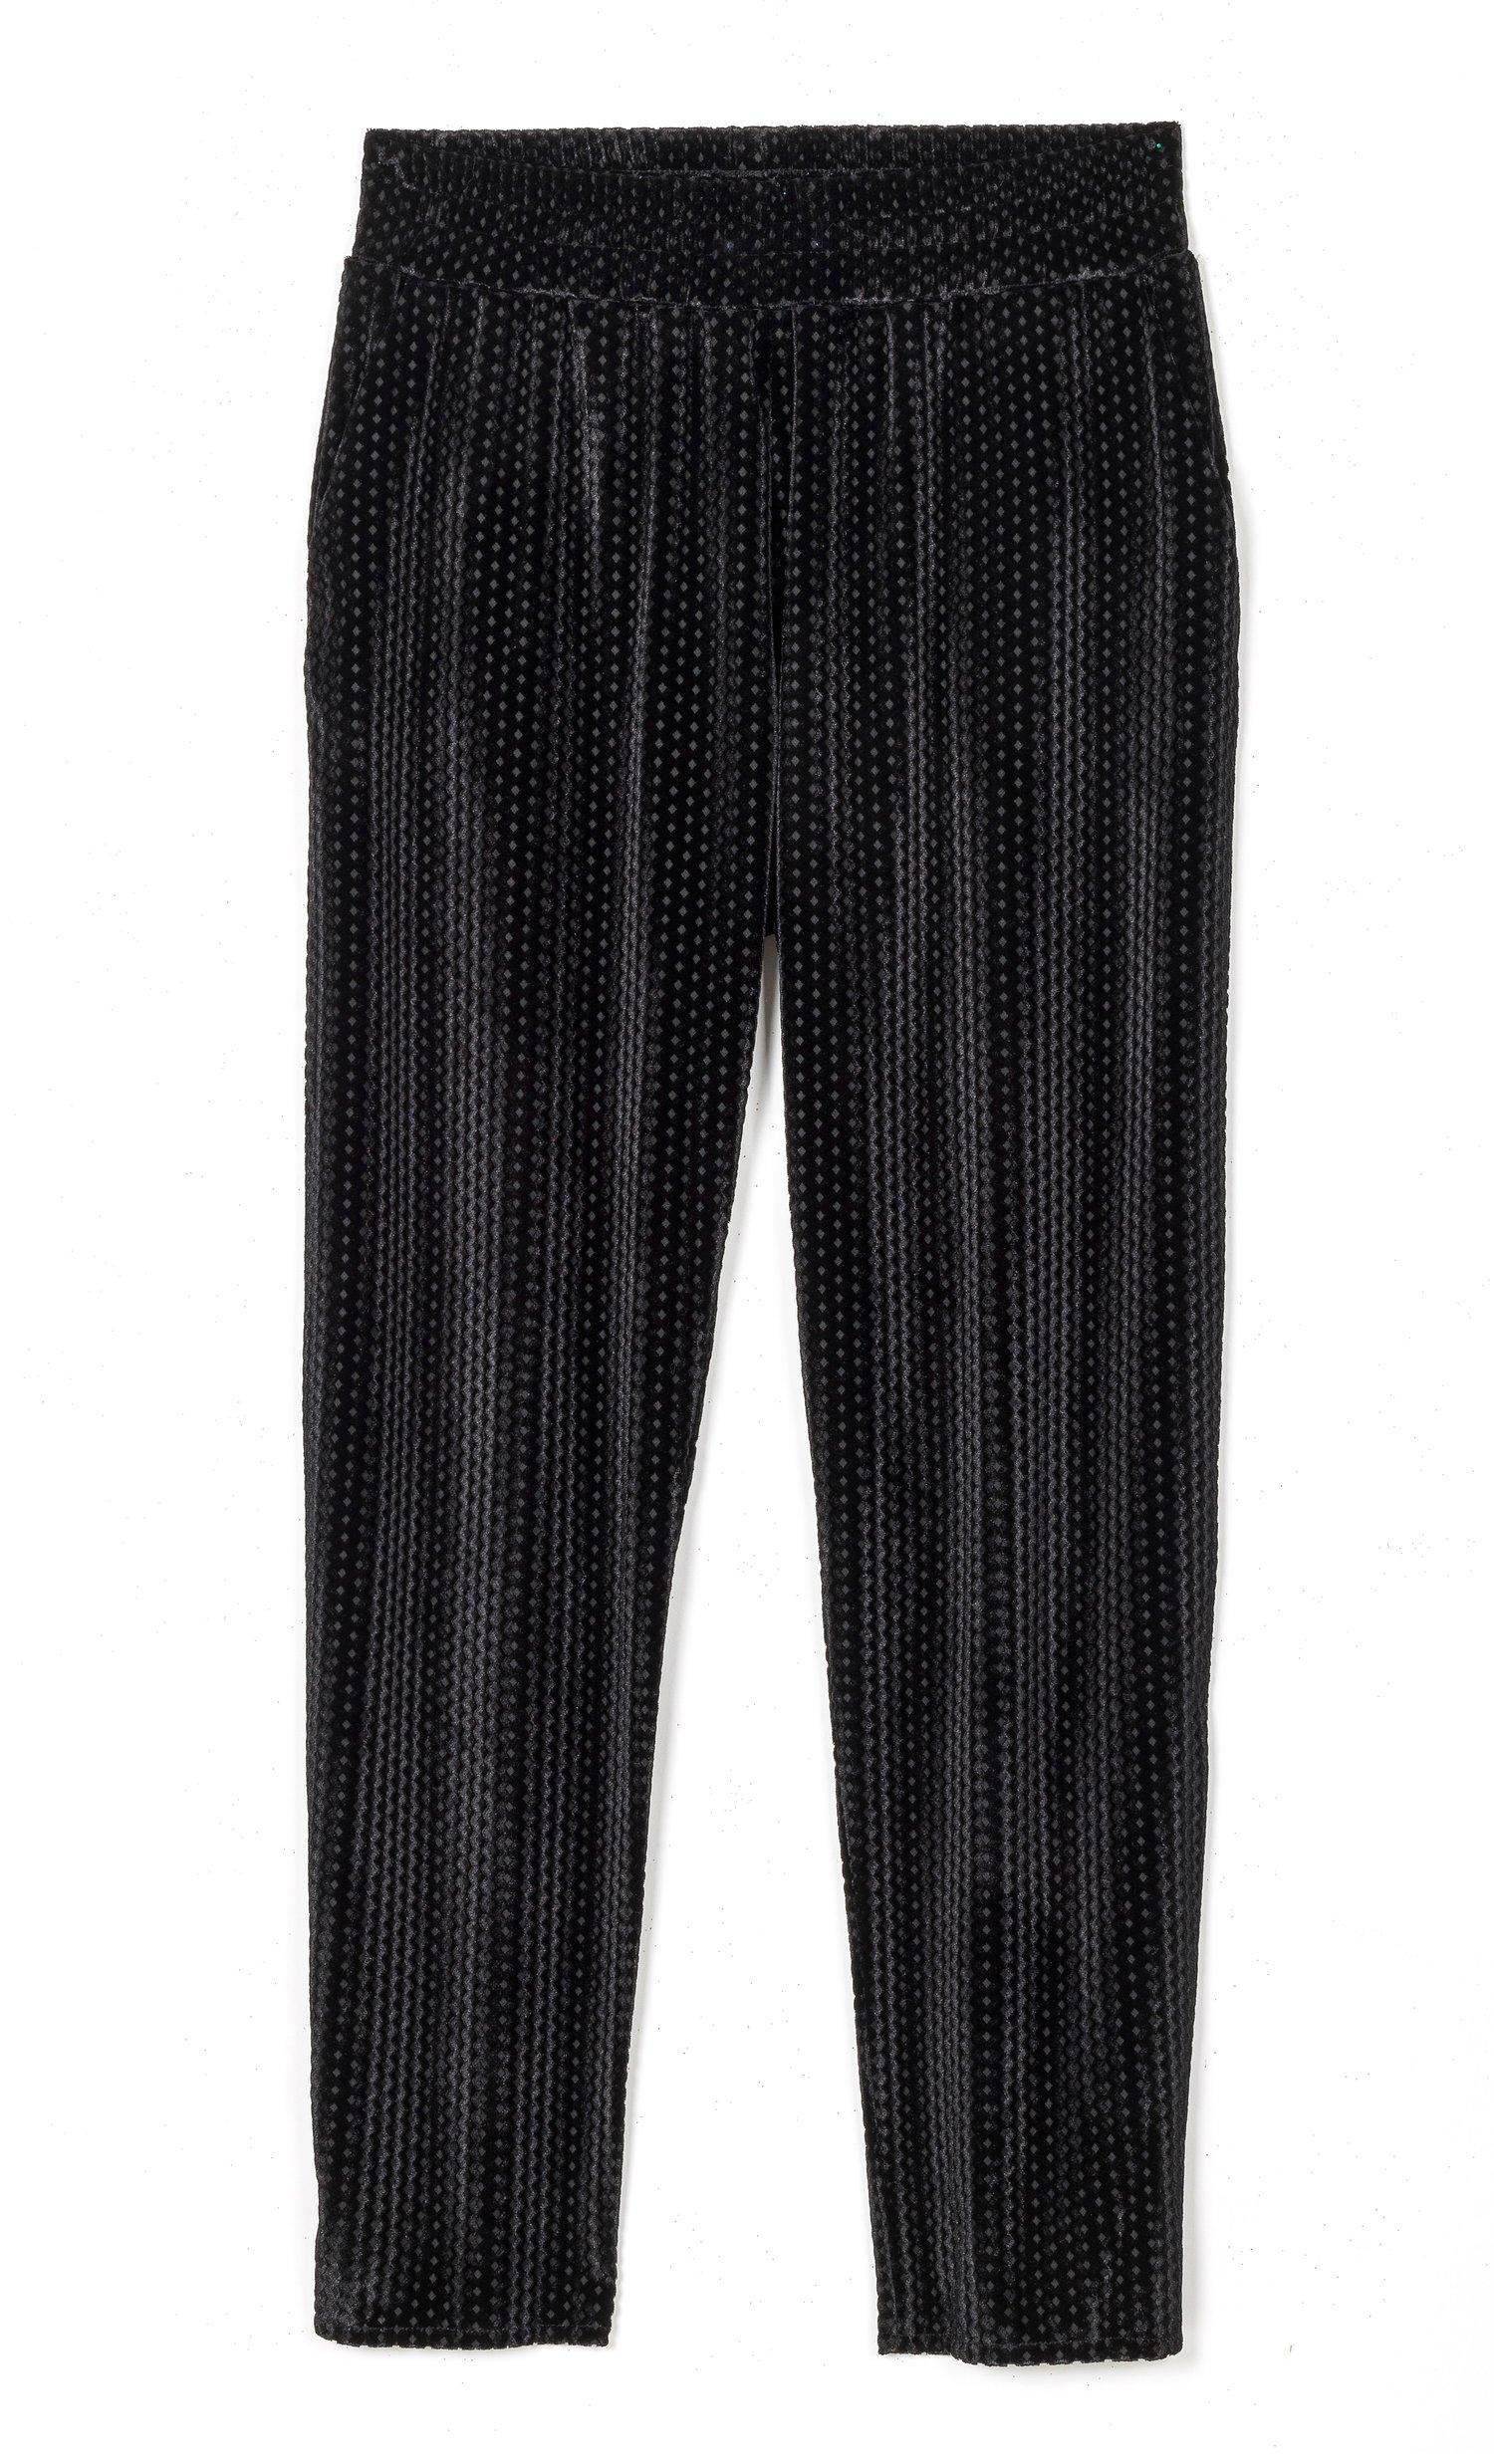 Image of Pantalon velours MAURICETTE 85€ -50%